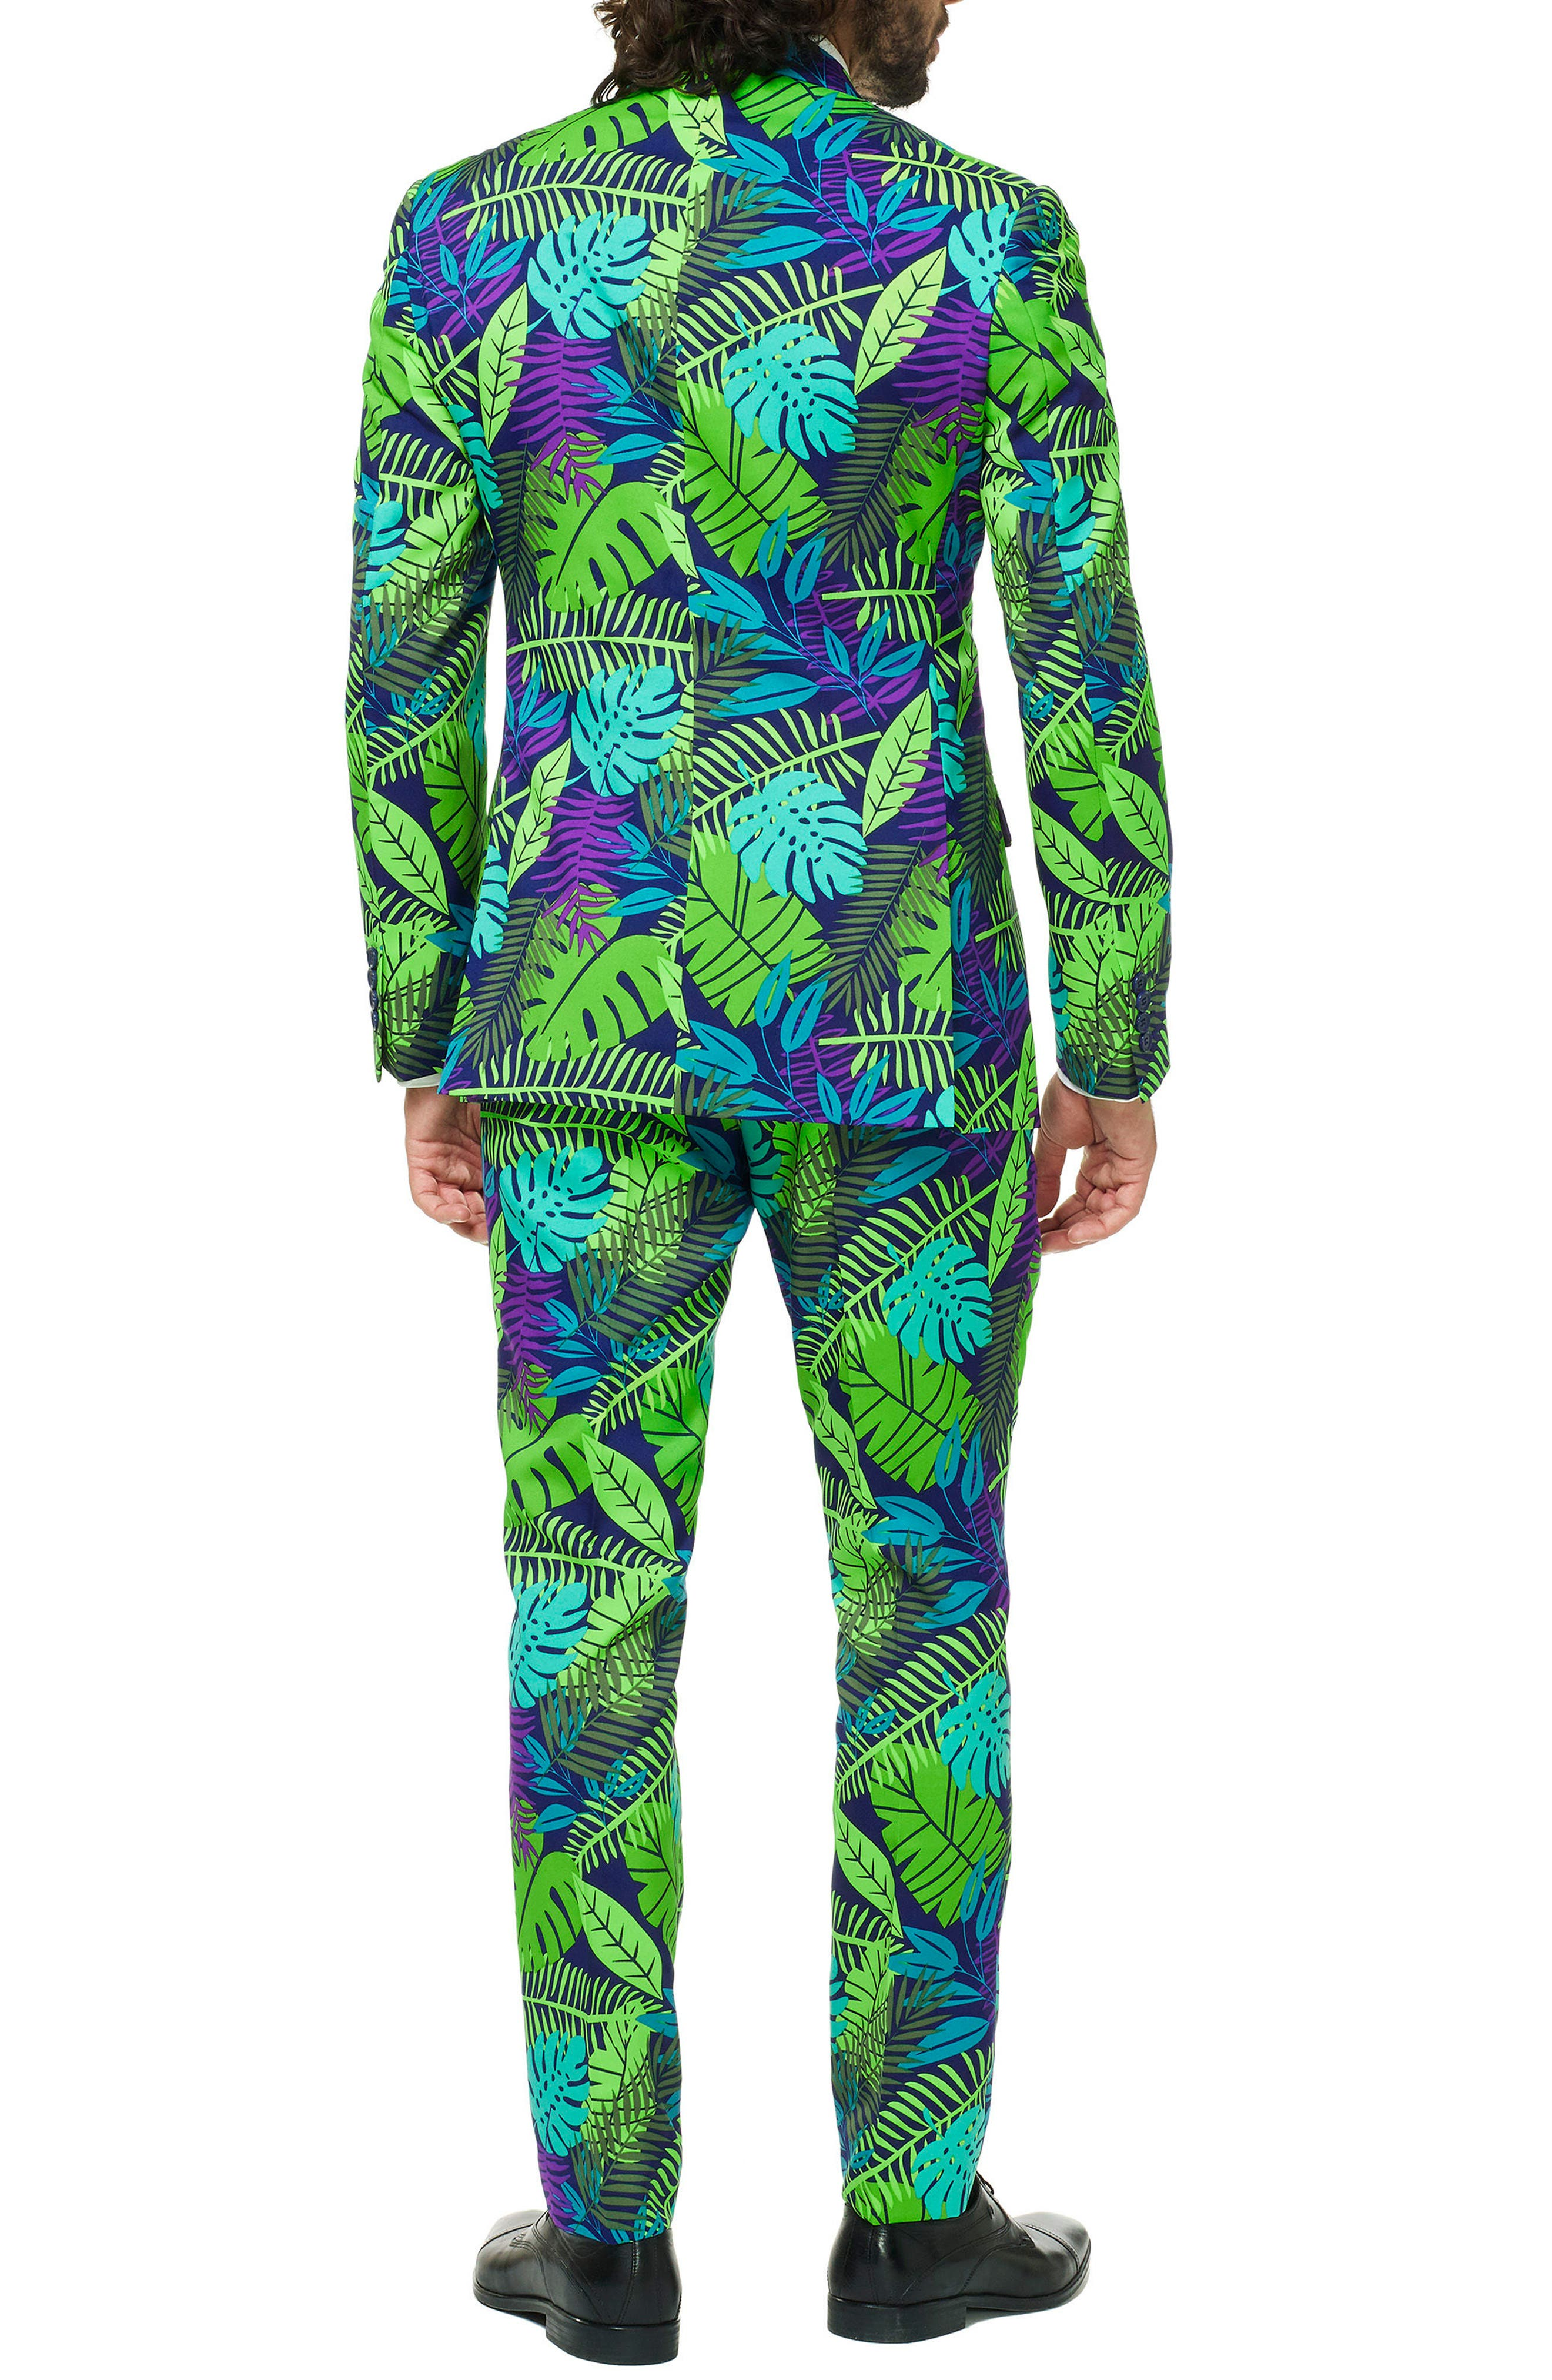 Juicy Jungle Trim Fit two-Piece Suit with Tie,                             Alternate thumbnail 2, color,                             MISCELLANEOUS